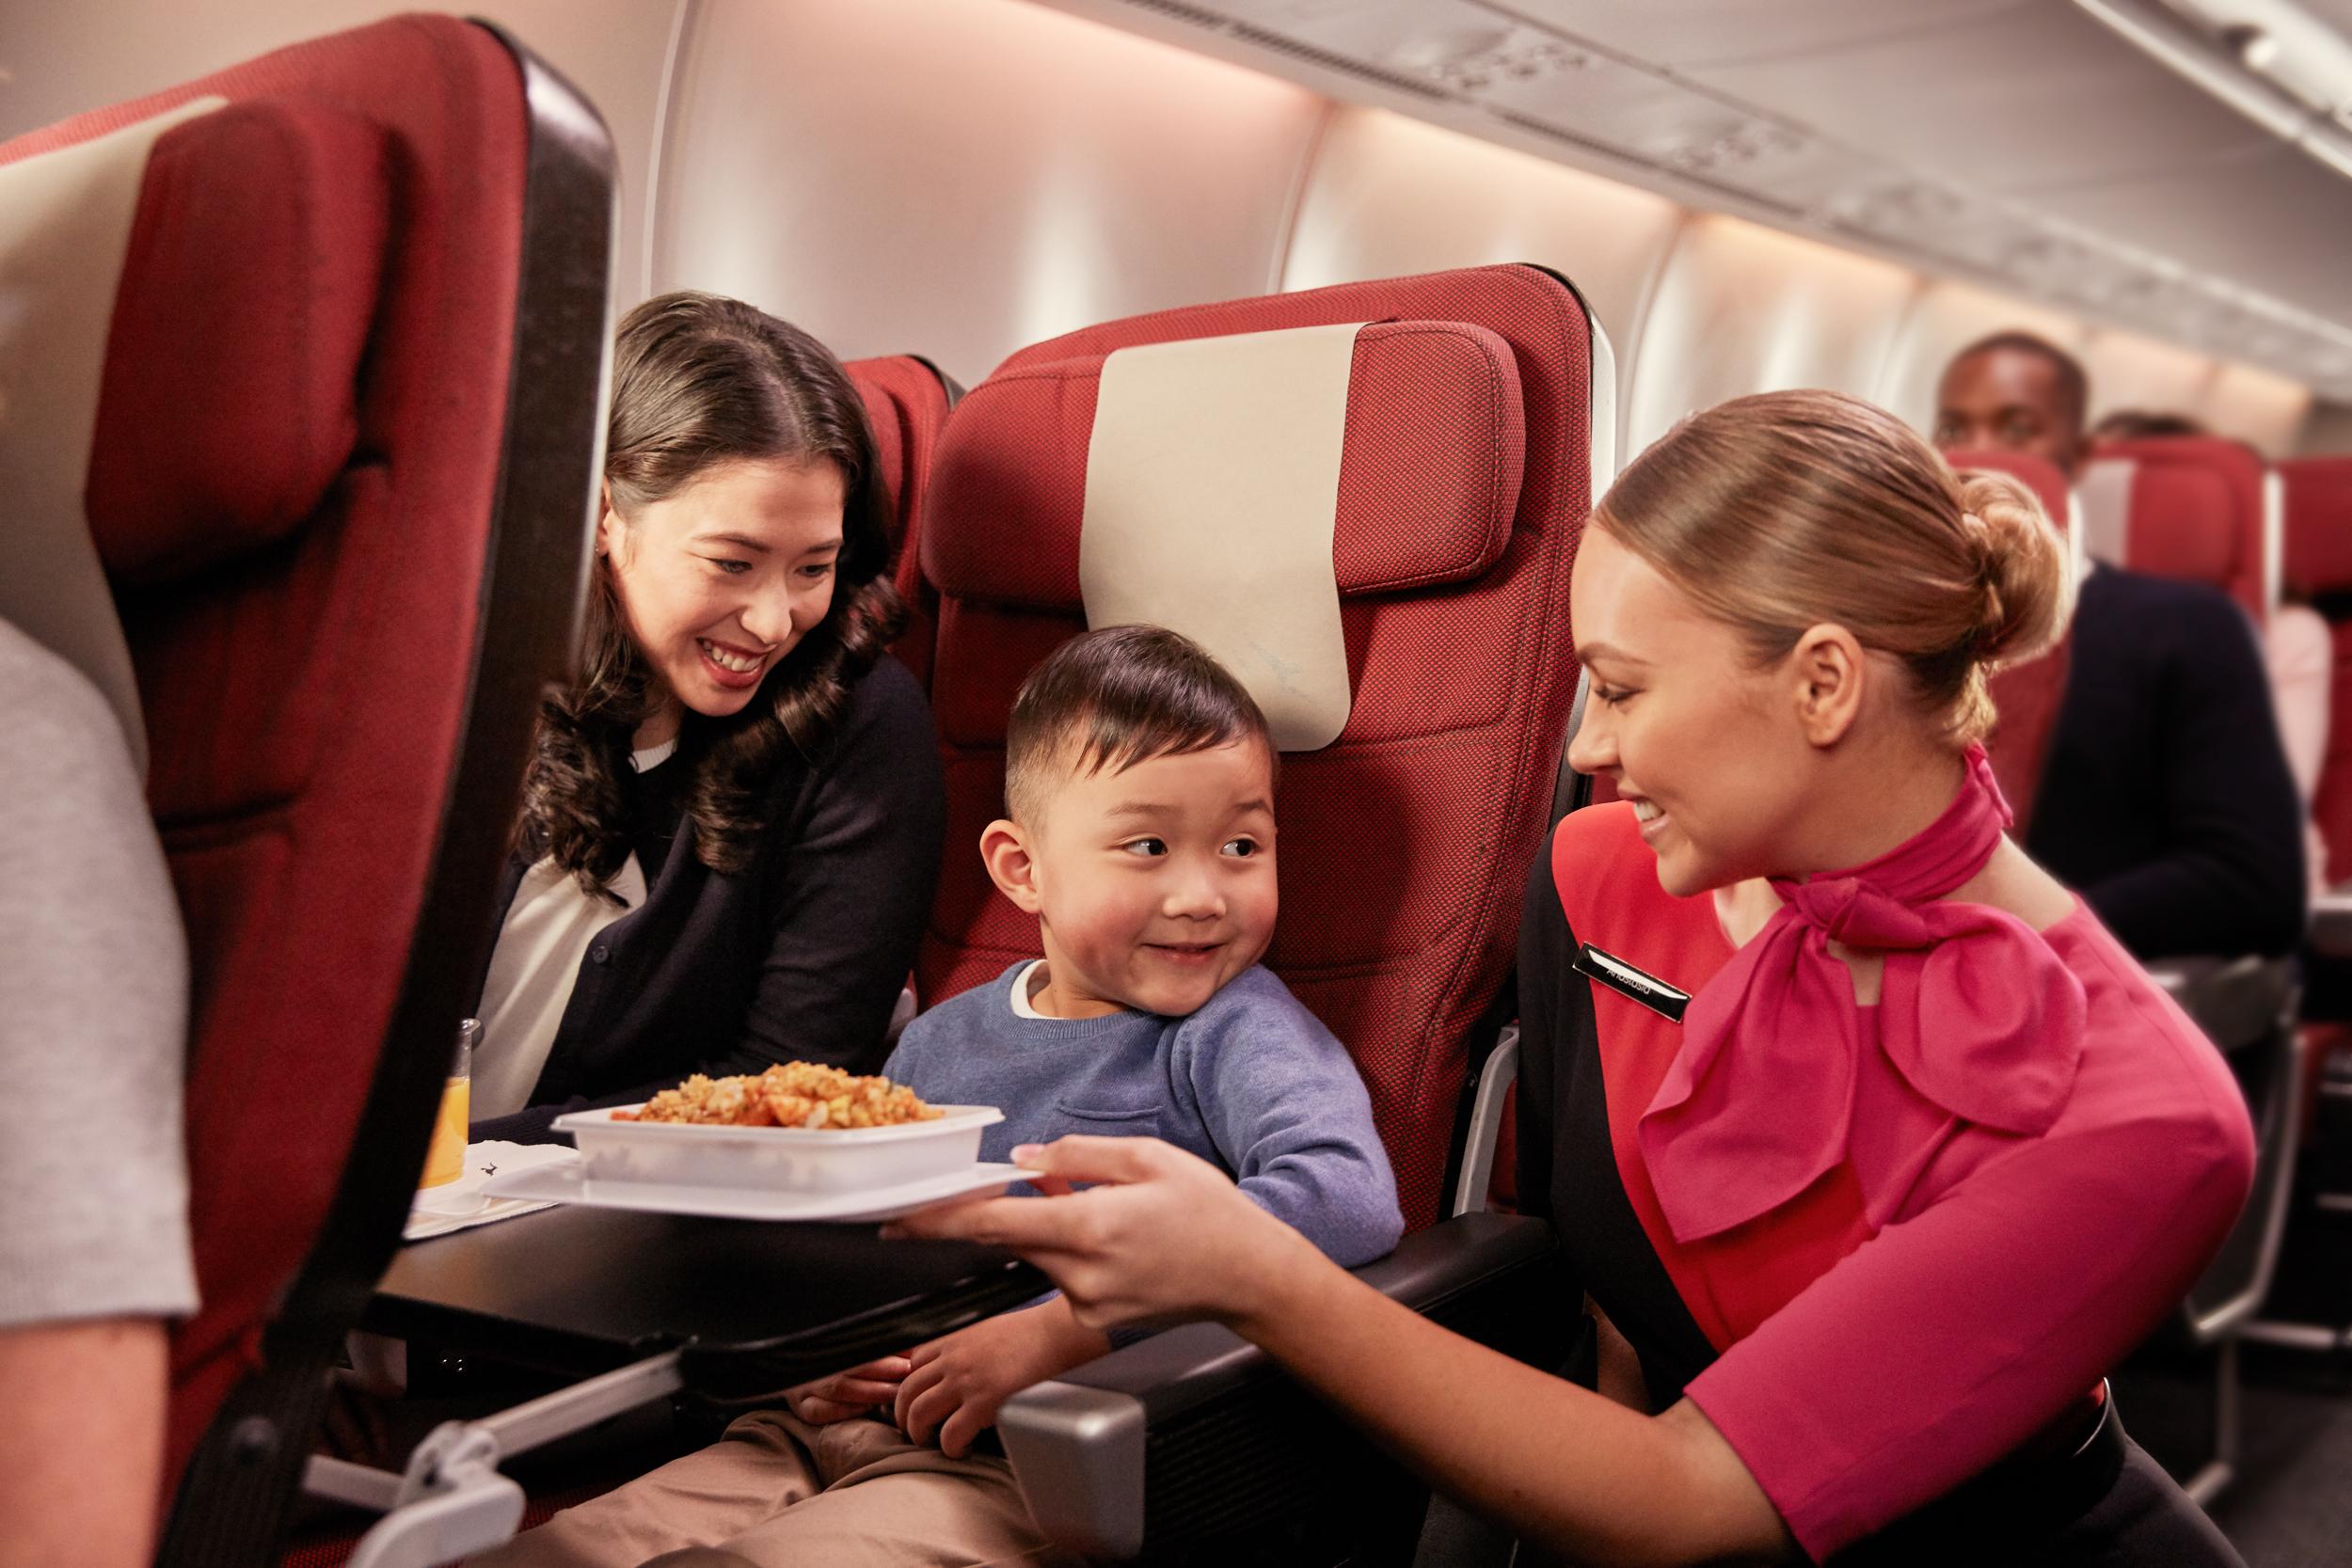 QANTAS_A380_Sh42_03702_hero-2.jpg